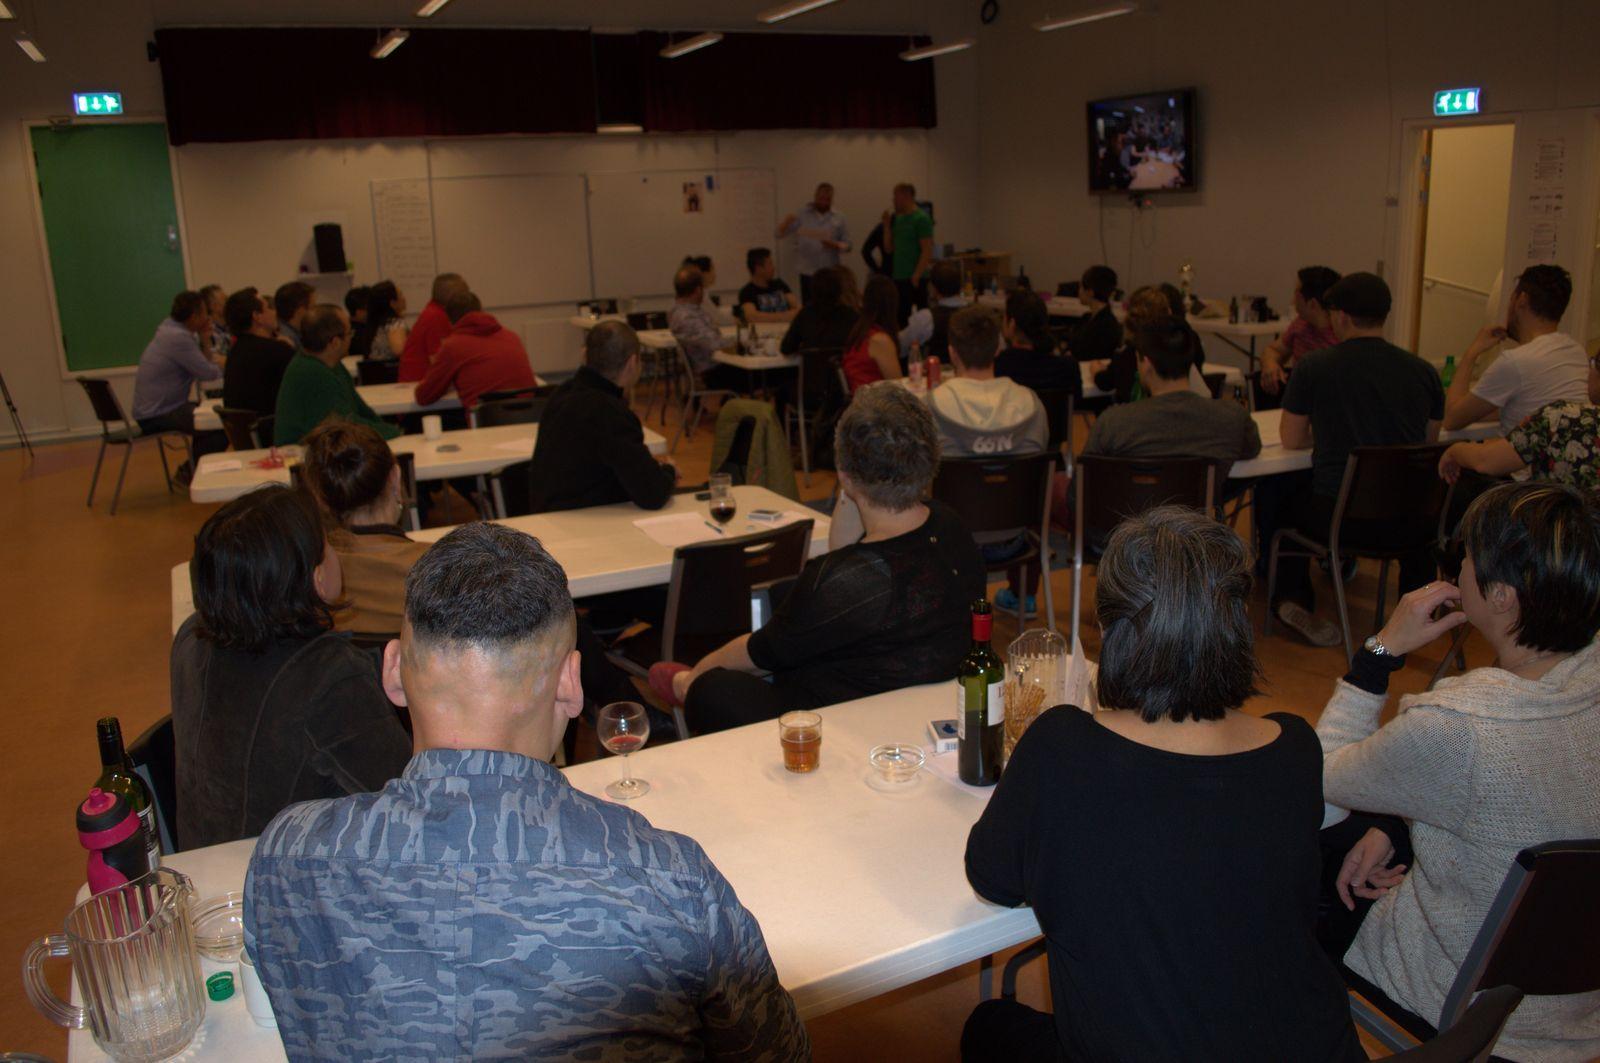 2014-11-08-2300_Semifinalister_og_raekkefoelge_annonceres_Wormsturnering